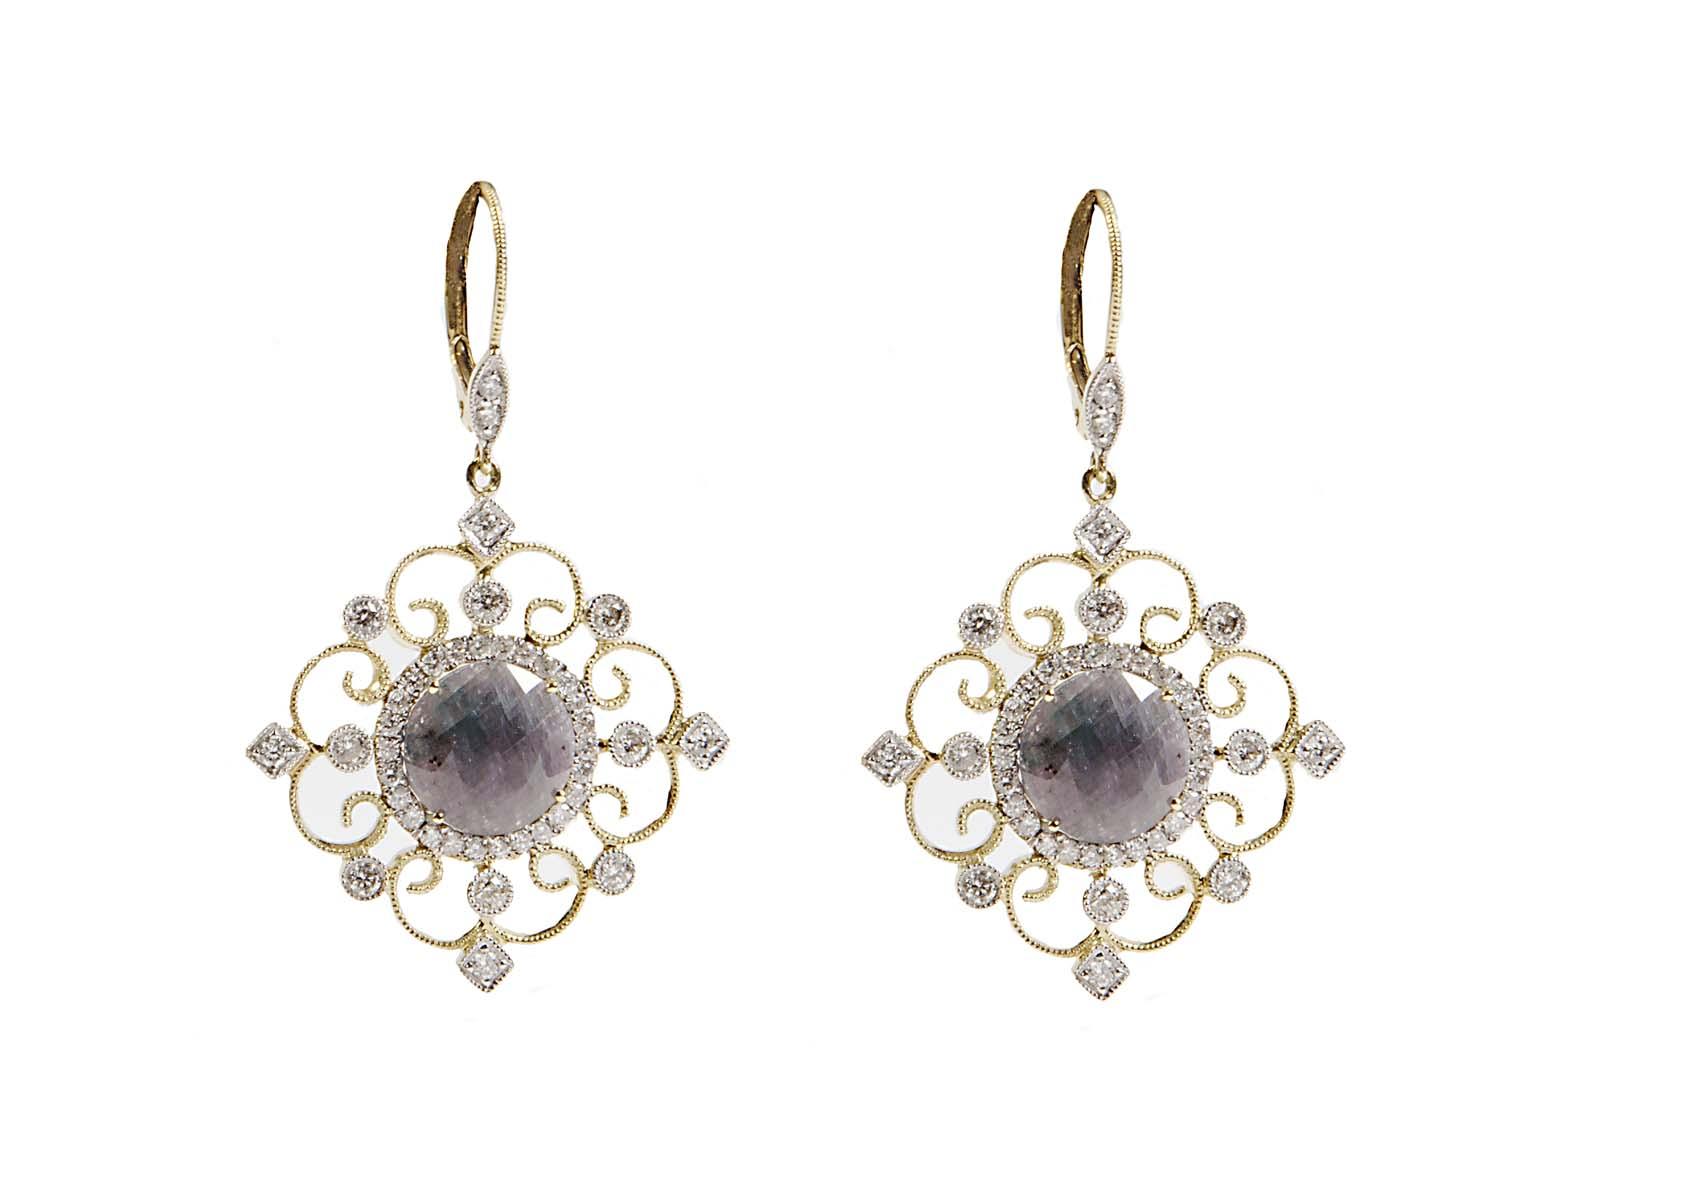 18k fancy sapphire and diamond drop earrings